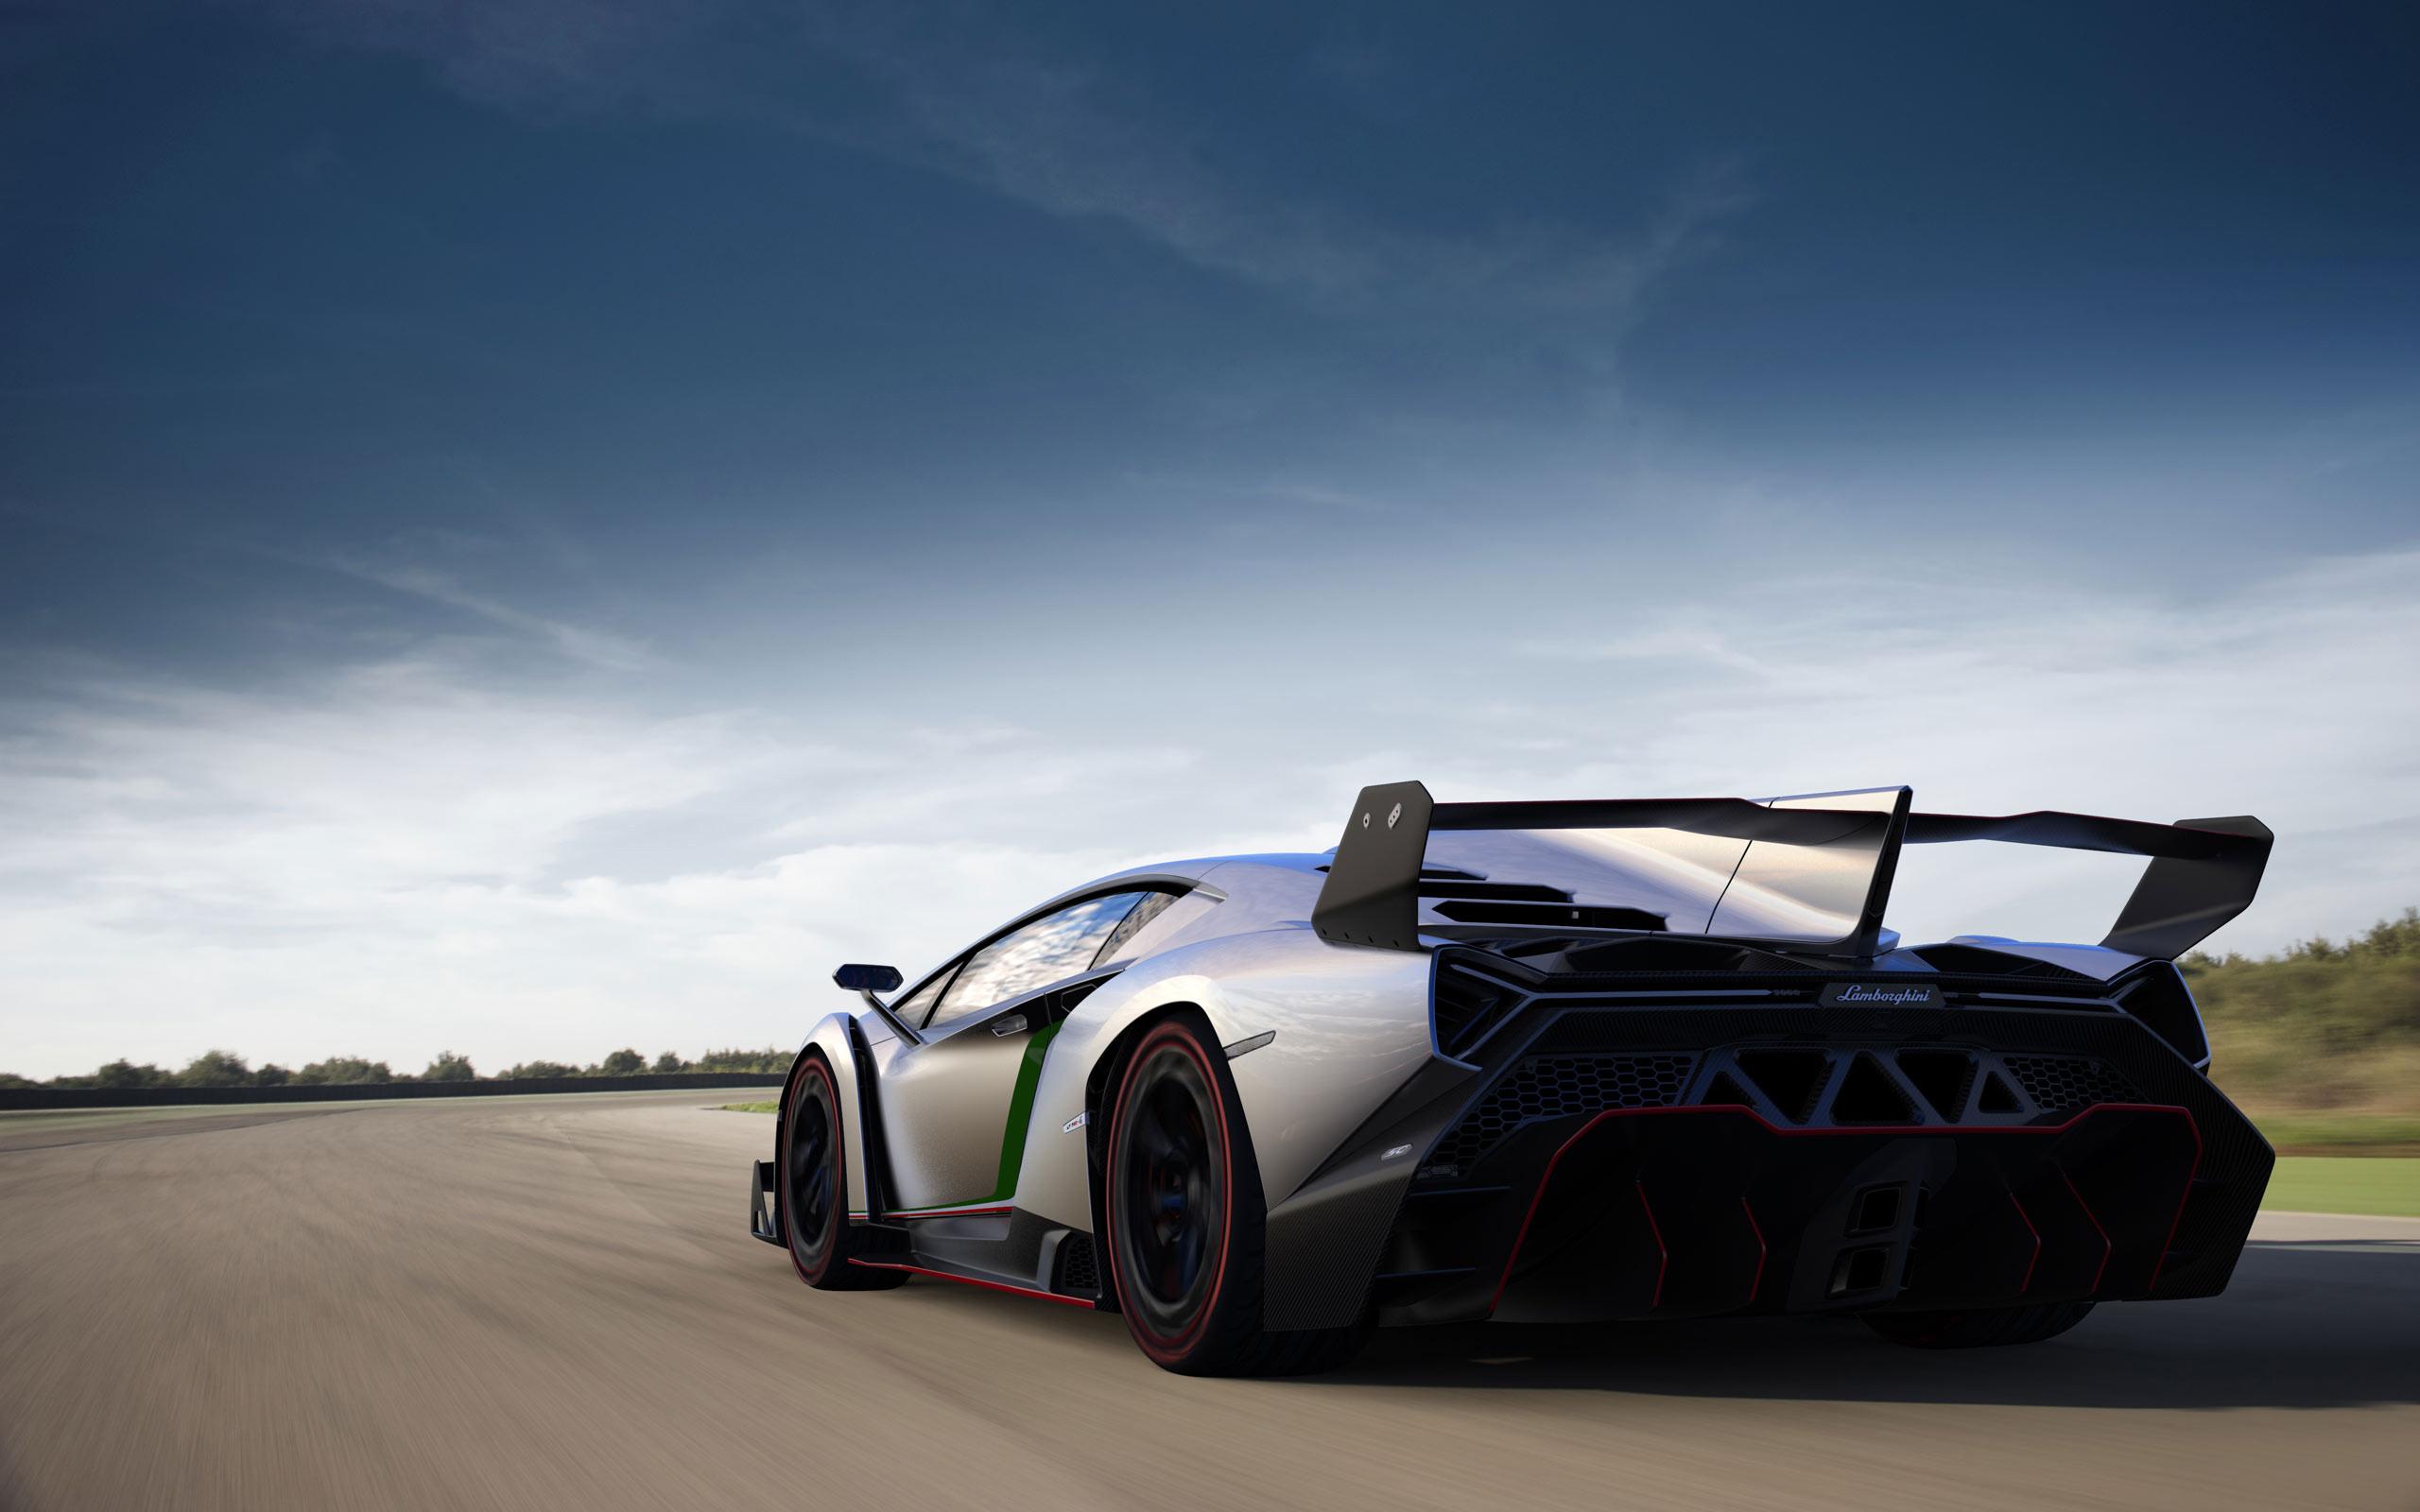 Lamborghini Veneno 2 Wallpaper | HD Car Wallpapers | ID #3283